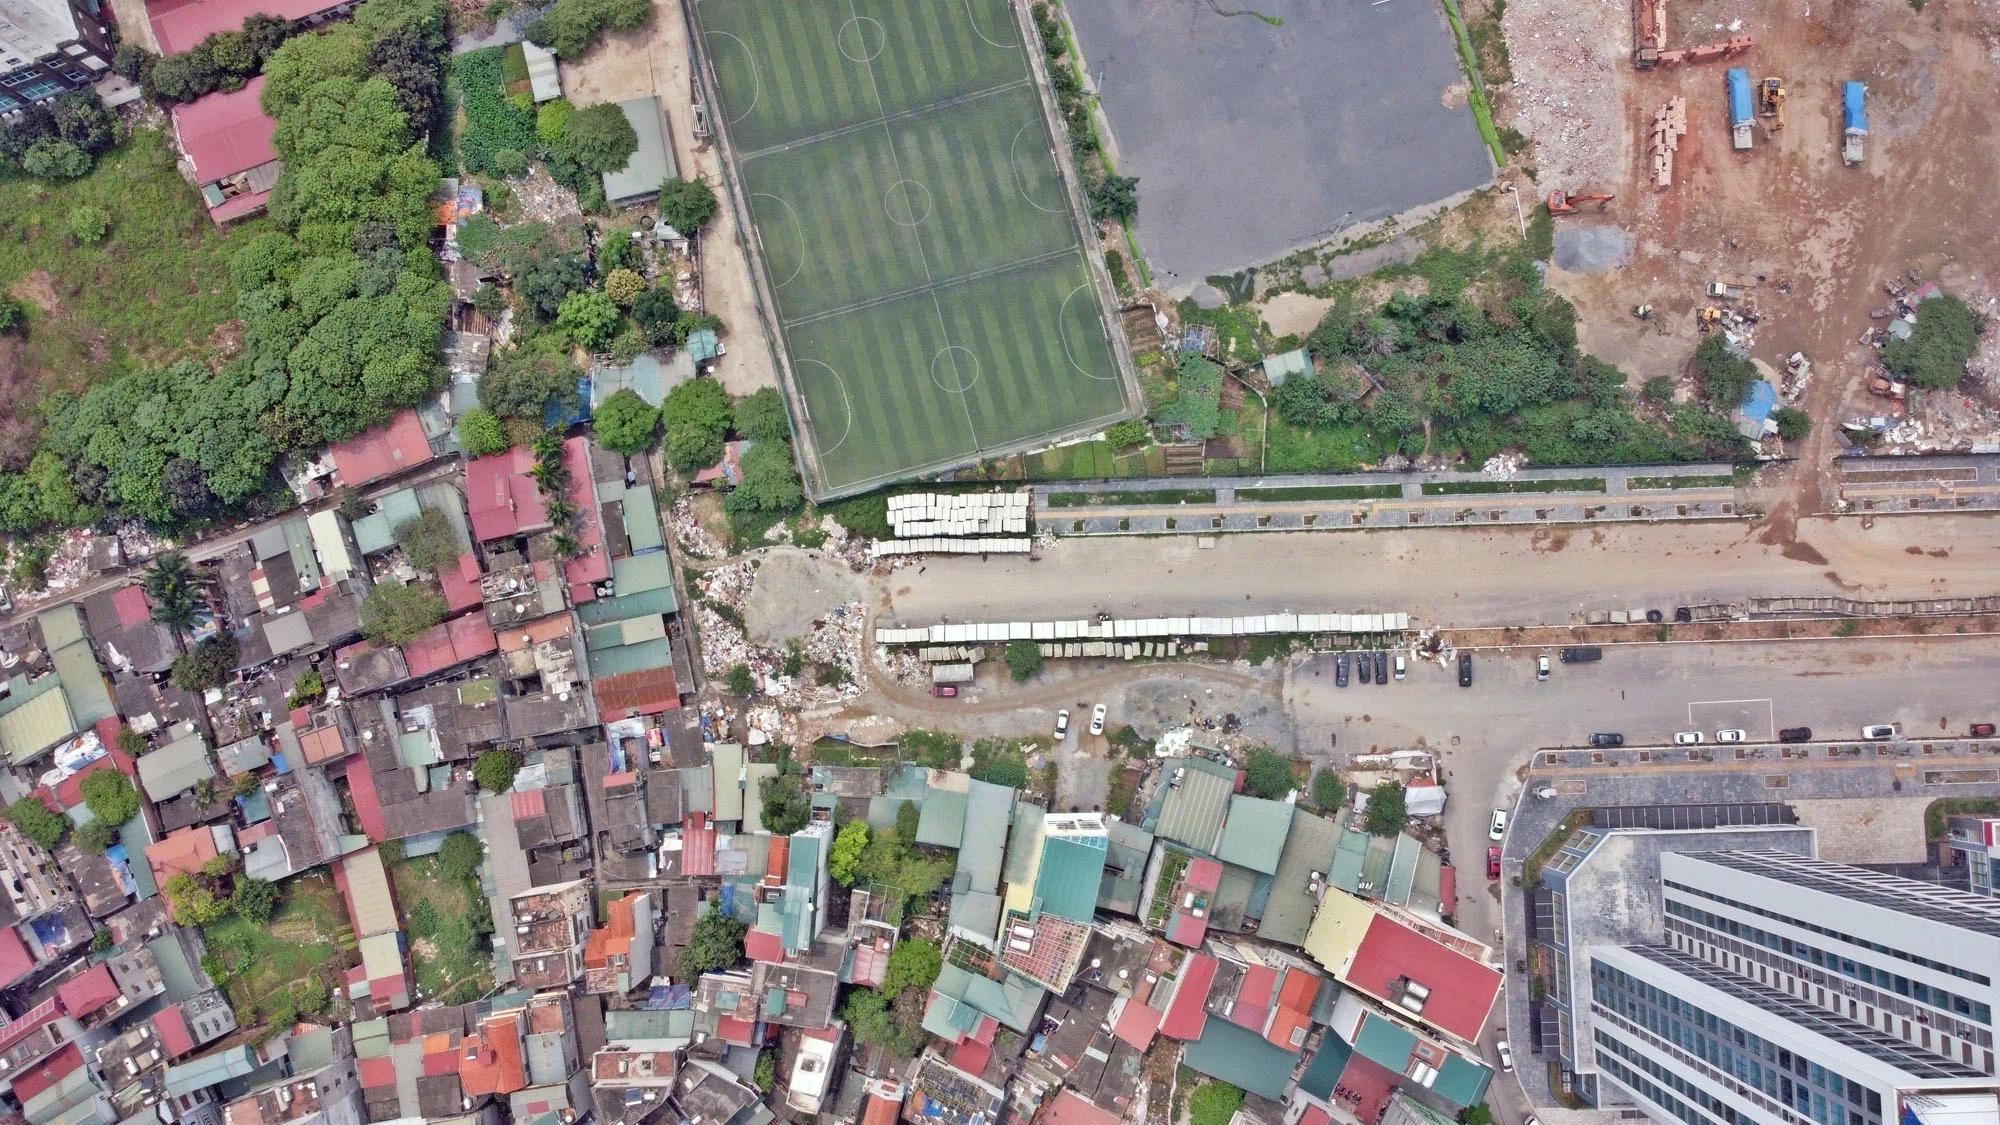 Toàn cảnh đường nối Lê Đức Thọ - Phạm Hùng đang mở theo quy hoạch ở Hà Nội - Ảnh 11.